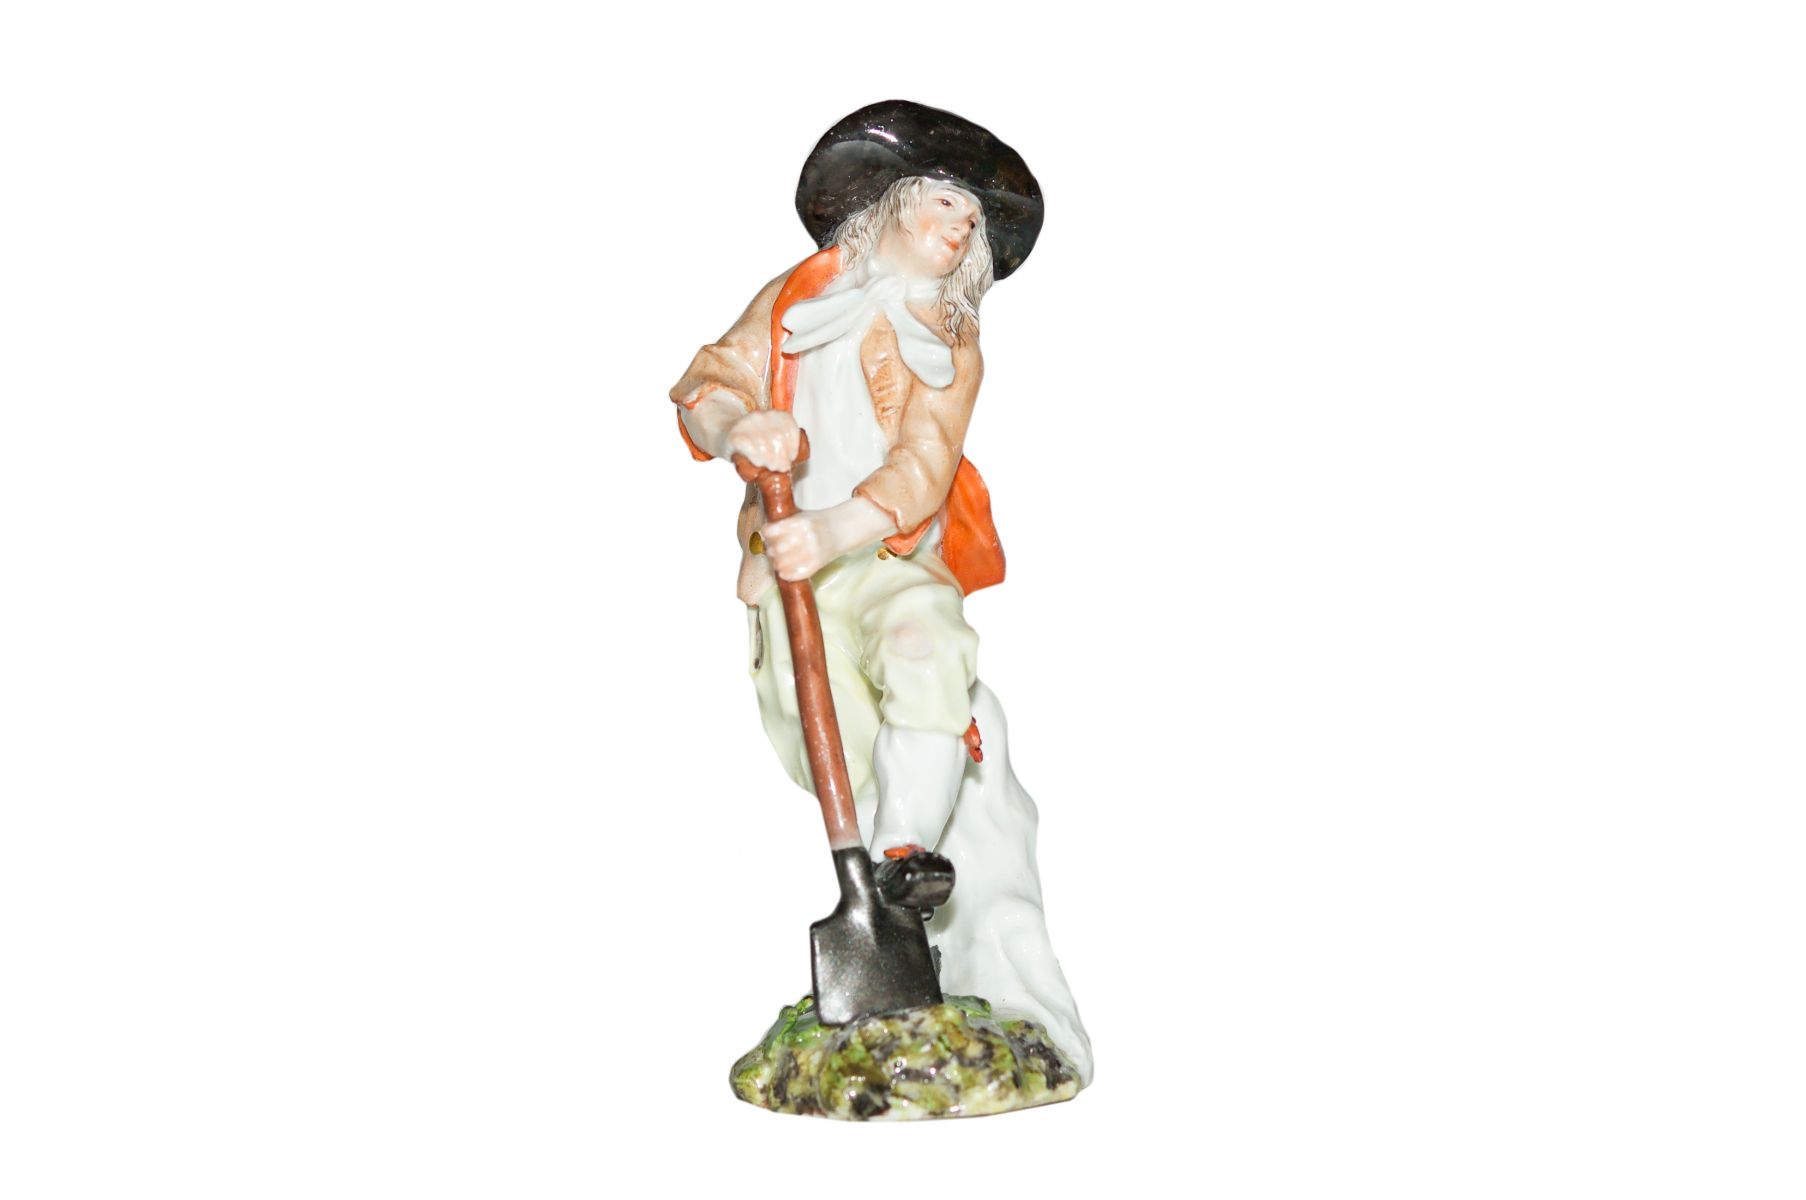 #144 Winemaker with shovel, Meissen 1750 | Weinbauer mit Schaufel, Meissen 1750 Image